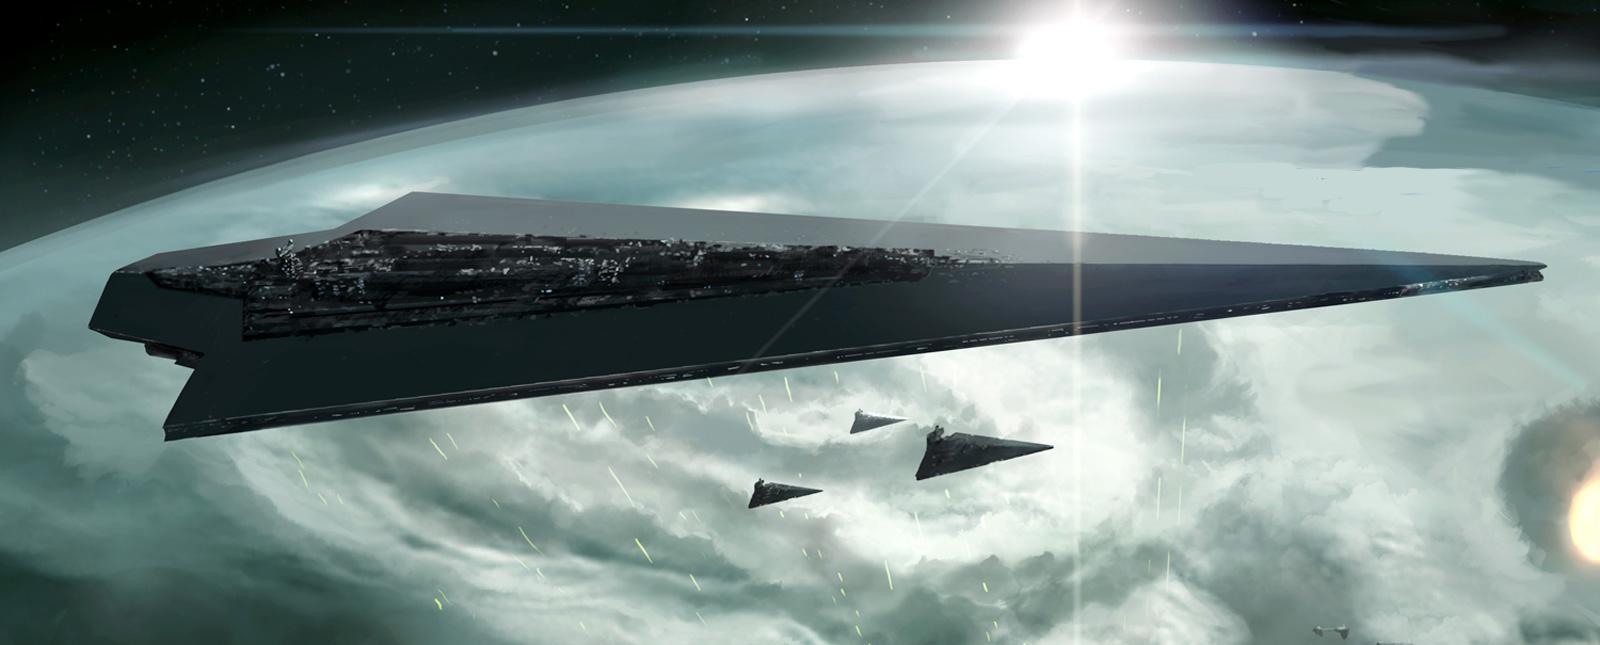 Eclipse (Super Destroyer Stellaire)